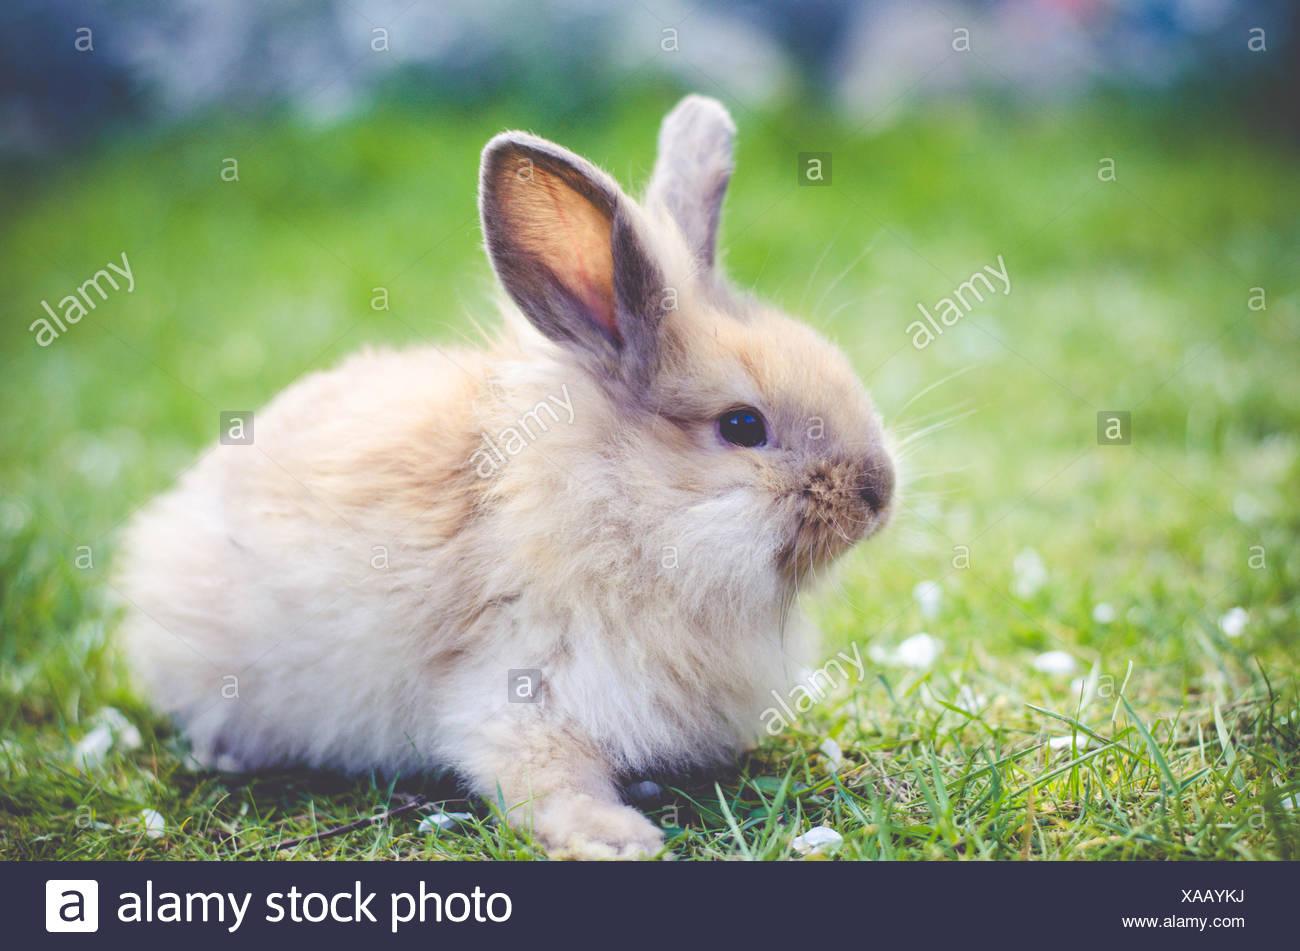 Conejo sentado sobre el césped Imagen De Stock